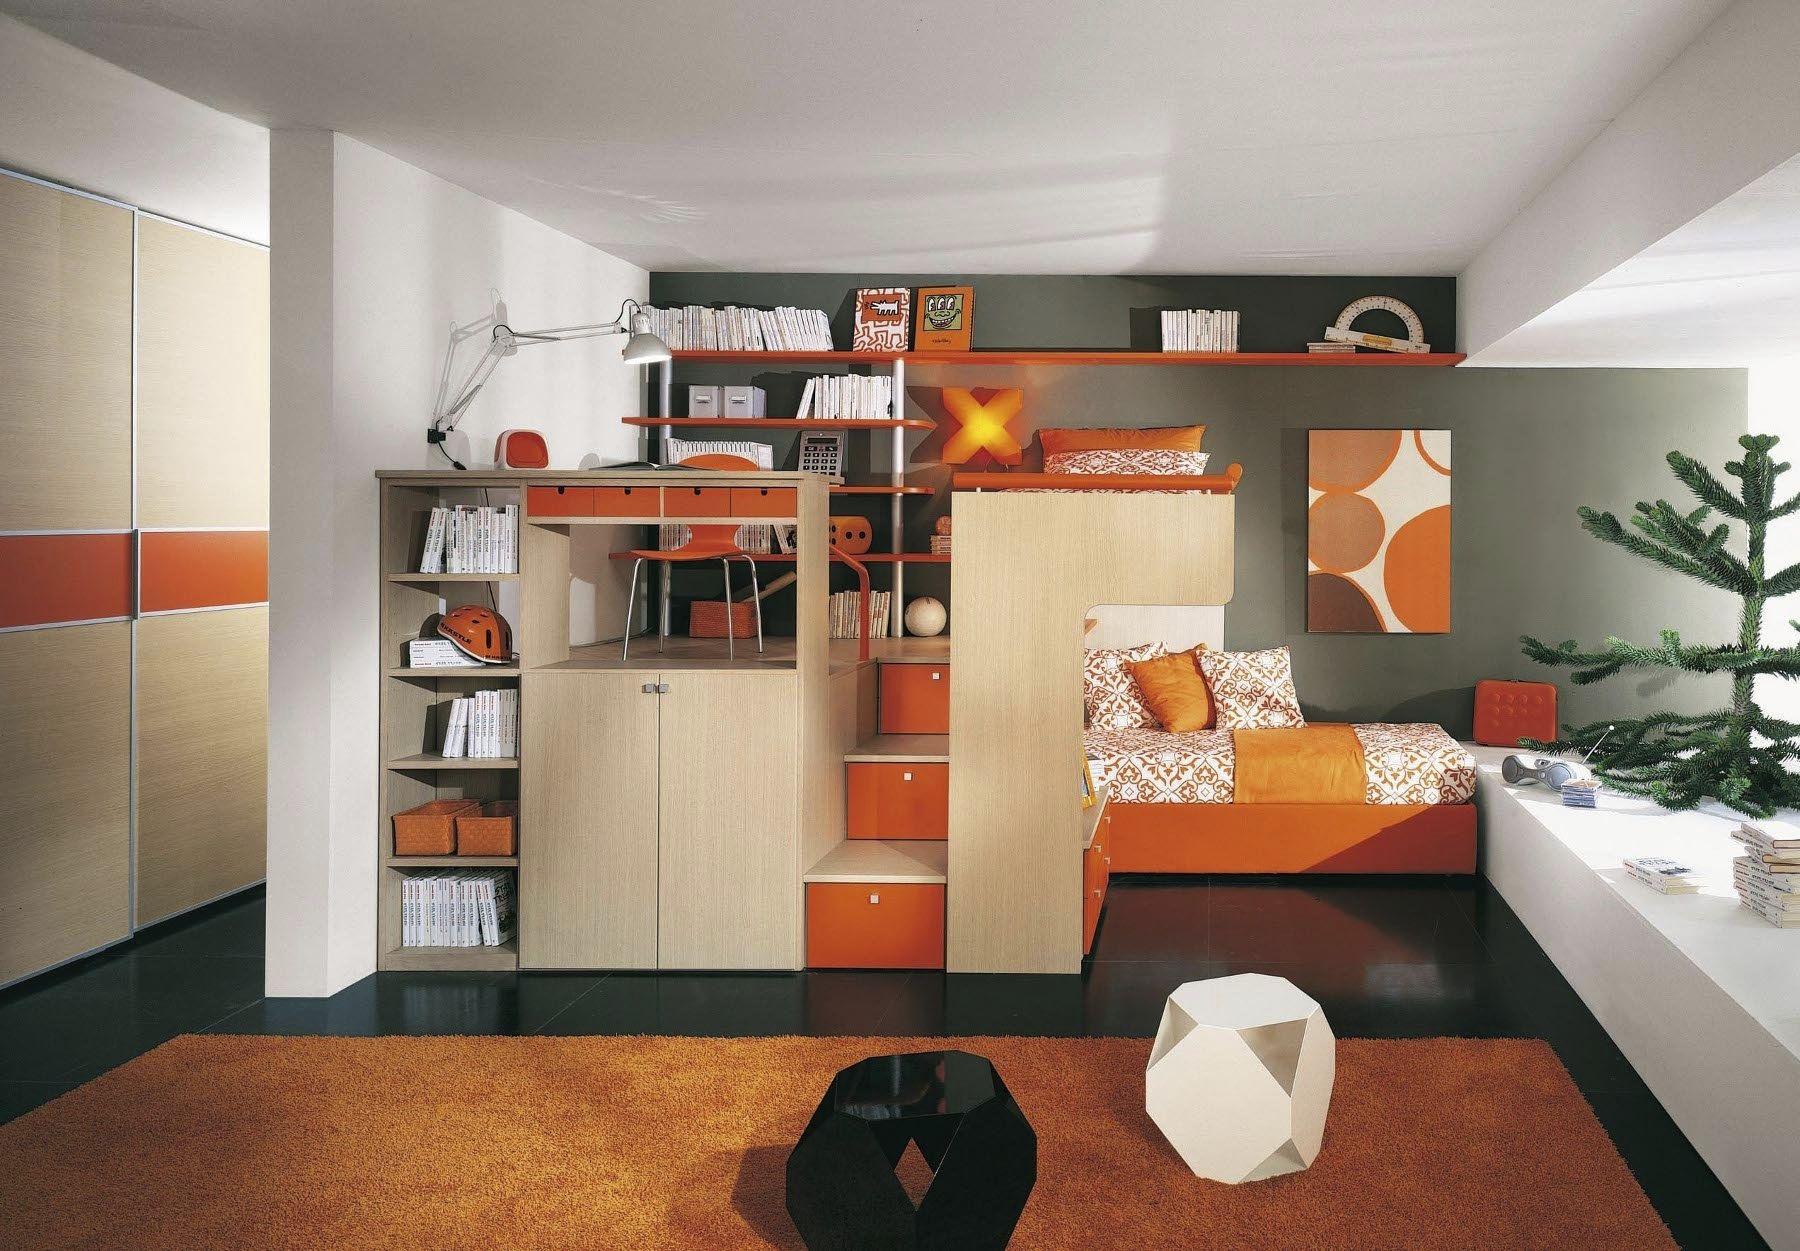 Uni children s bedroom furniture set orange ARCAMAGICA 2